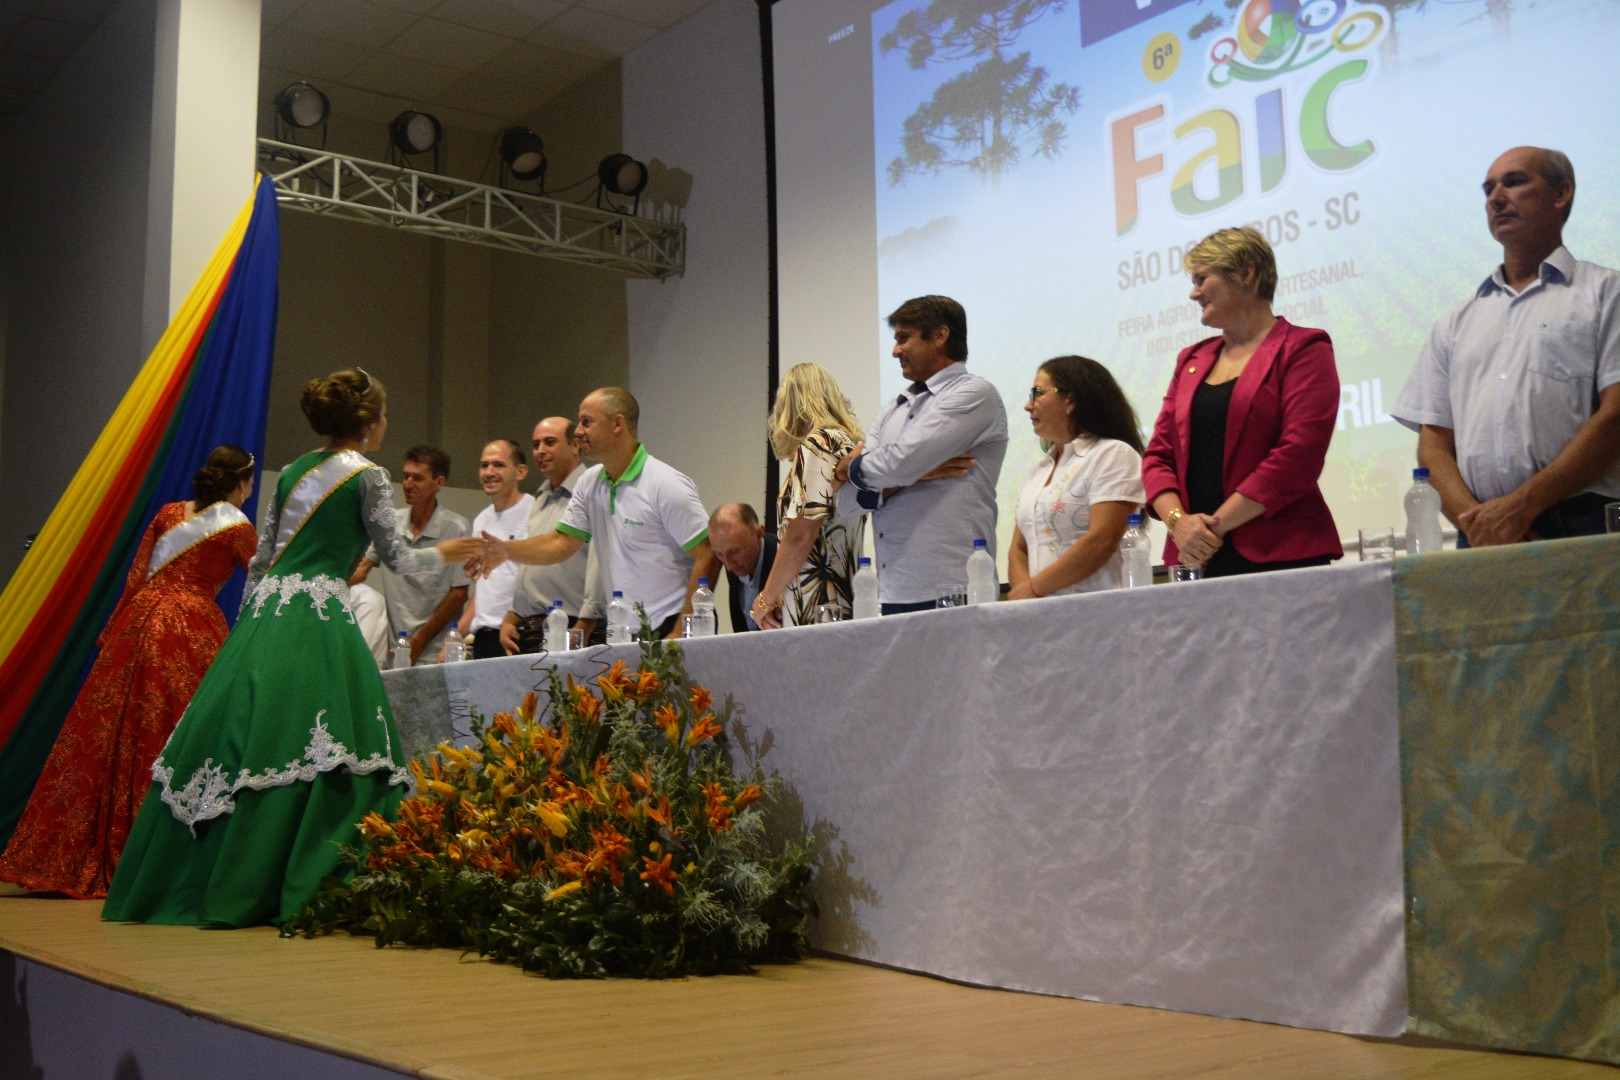 Lançamento da Sexta Faic São Domingos reúne autoridades e lideranças